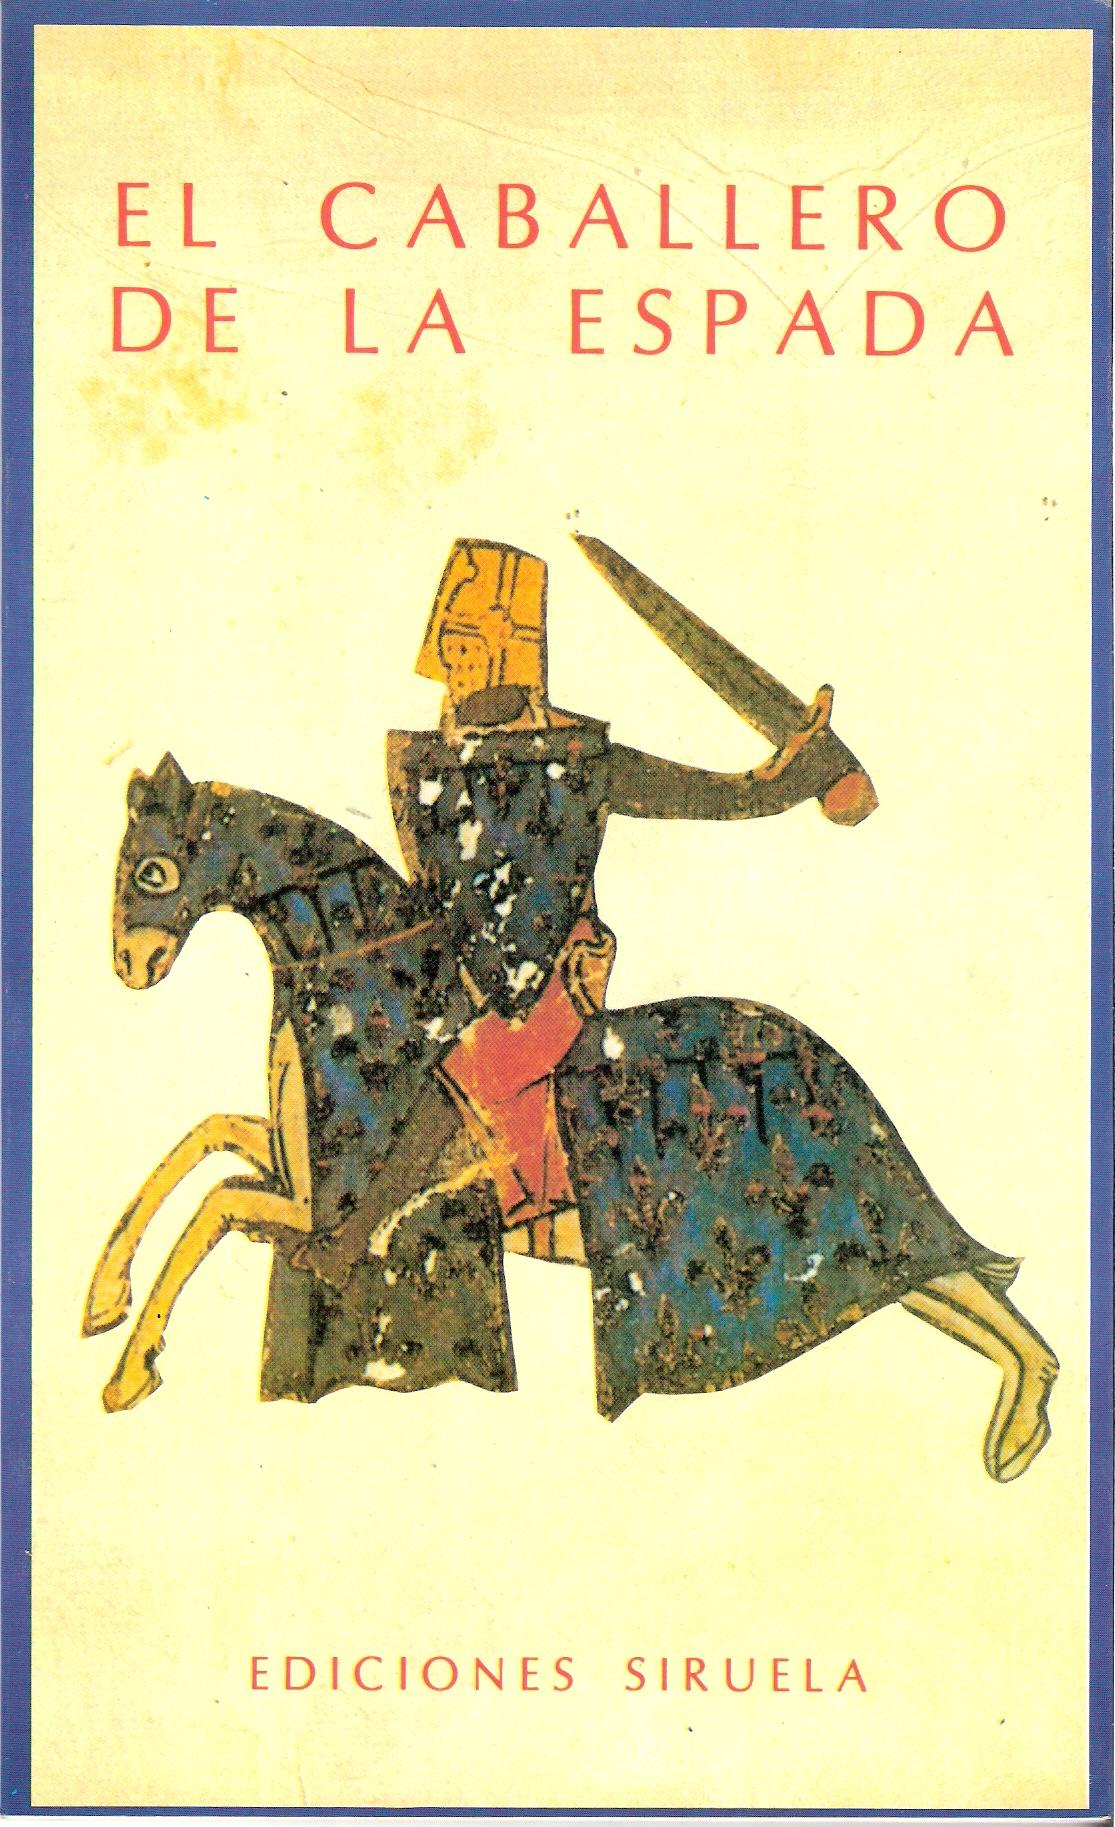 El Caballero de la espada - La Doncella de la mula